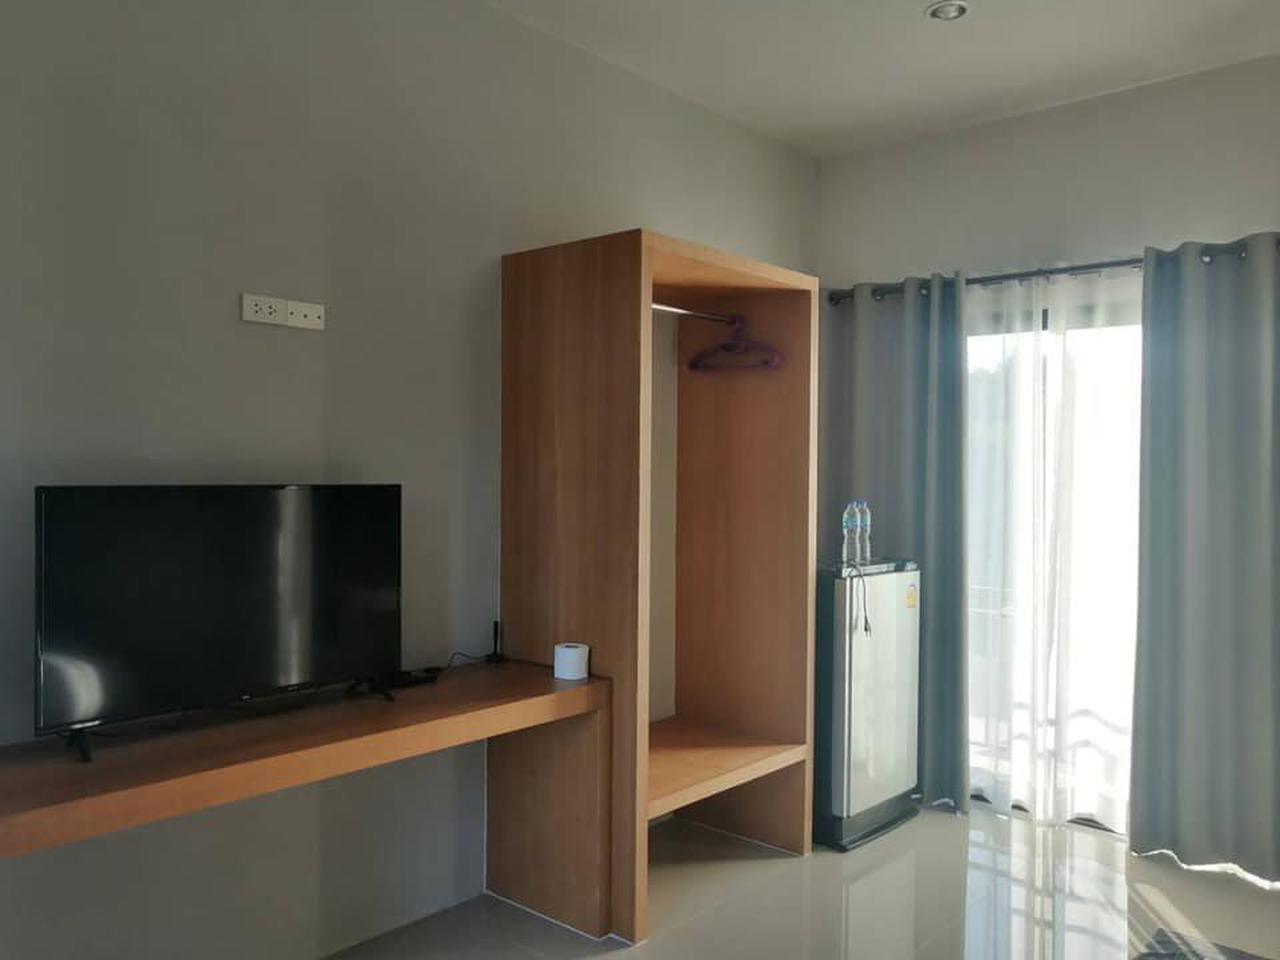 ขายด่วน โรงแรมเมืองลำปางใหม่มาก ทำเลดี ขายราคาต่ำกว่าราคาประเมิน รูปที่ 2